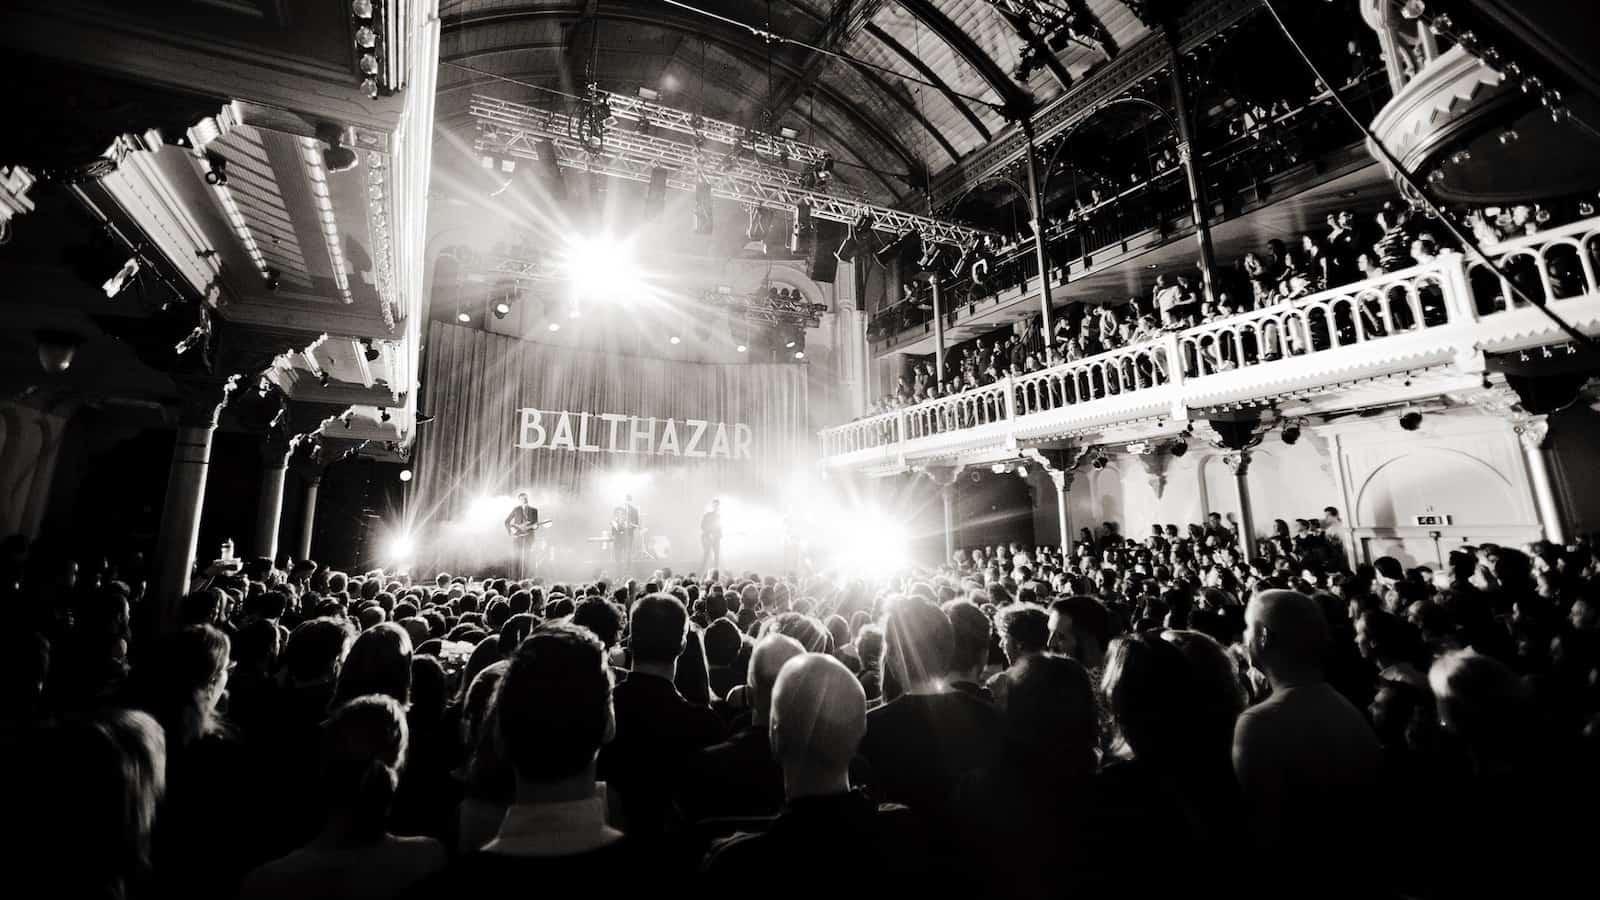 Концерт группы «Balthazar» в Москве